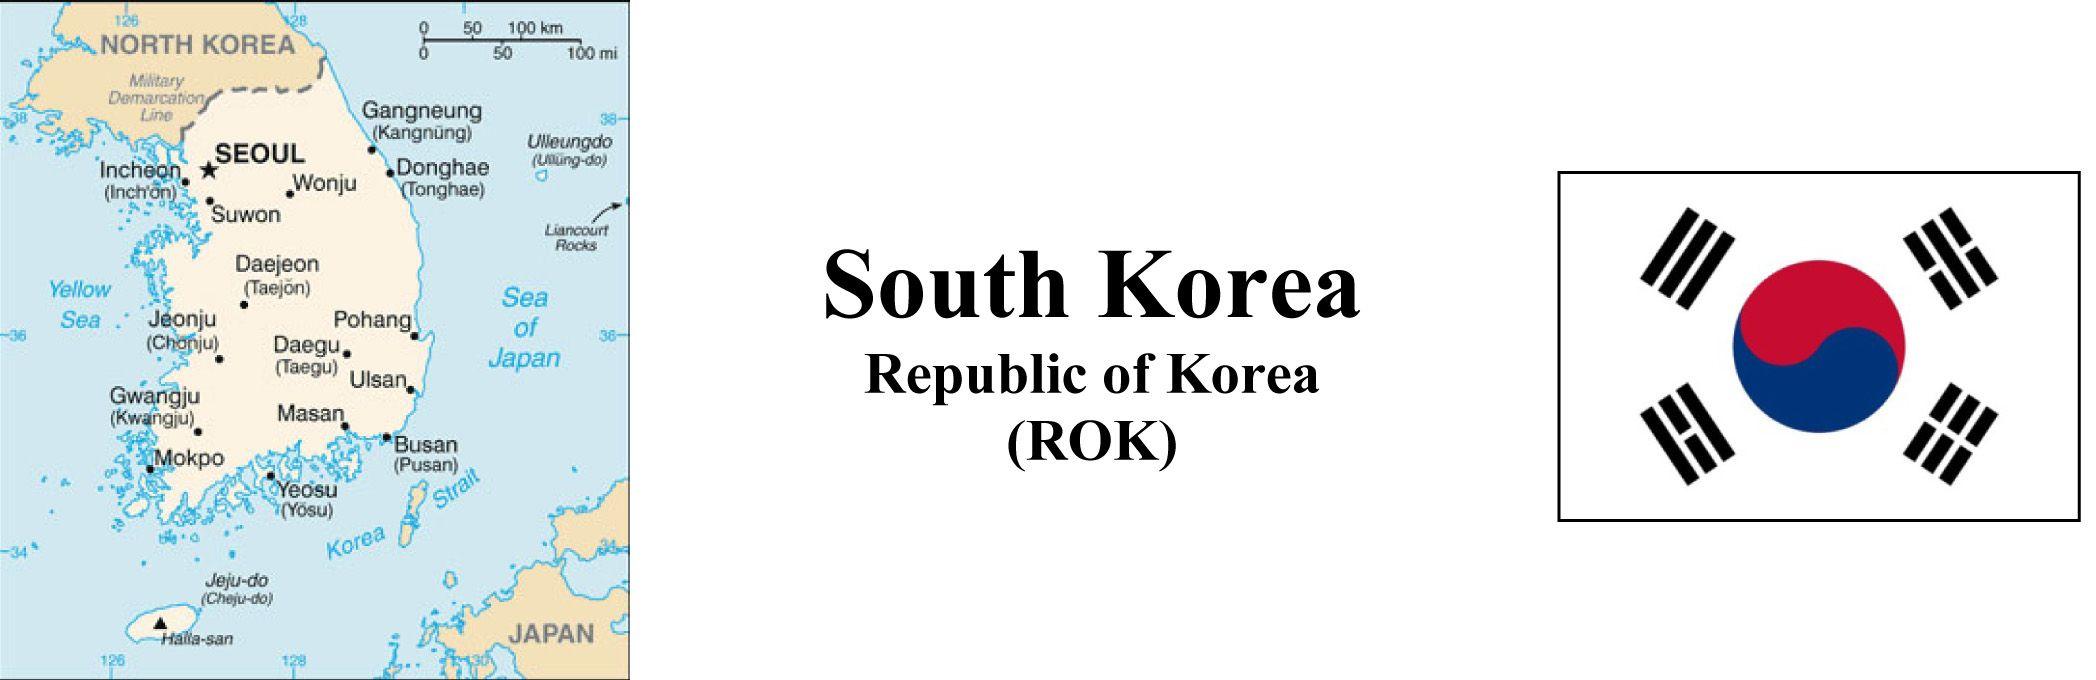 South Korea Map & Flag